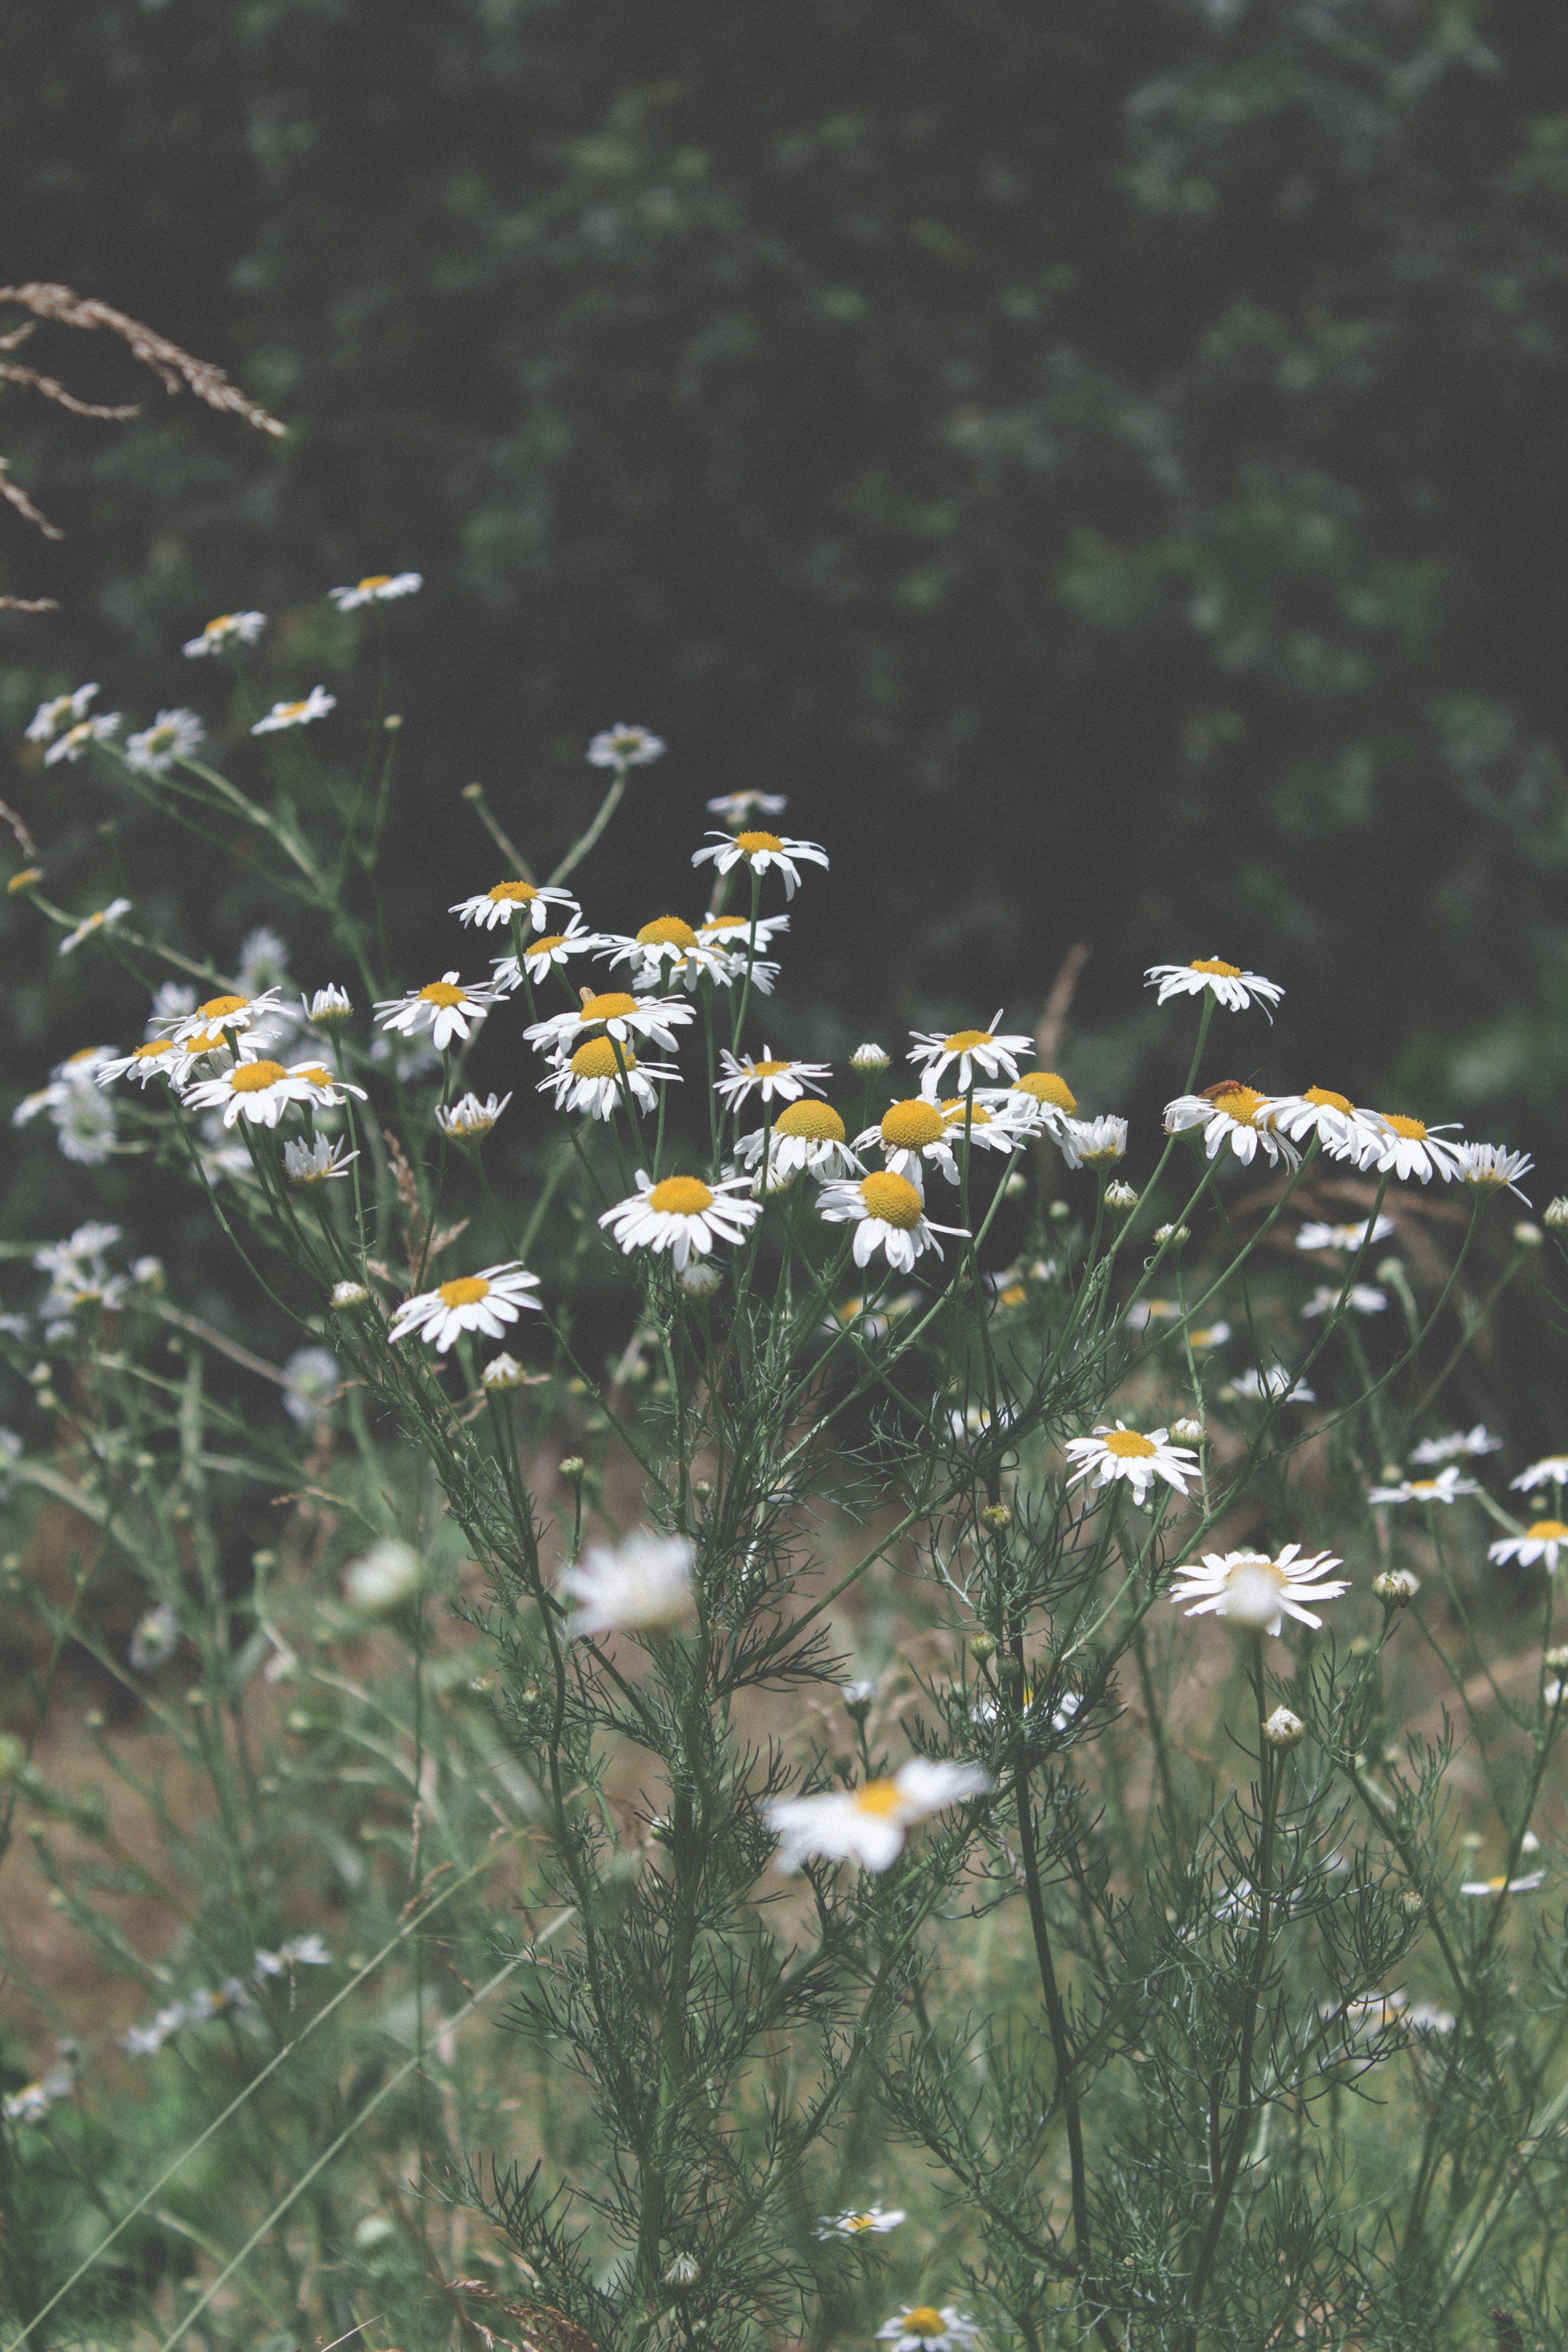 Fotos de stock gratuitas de amarillo, blanco, flor, flora